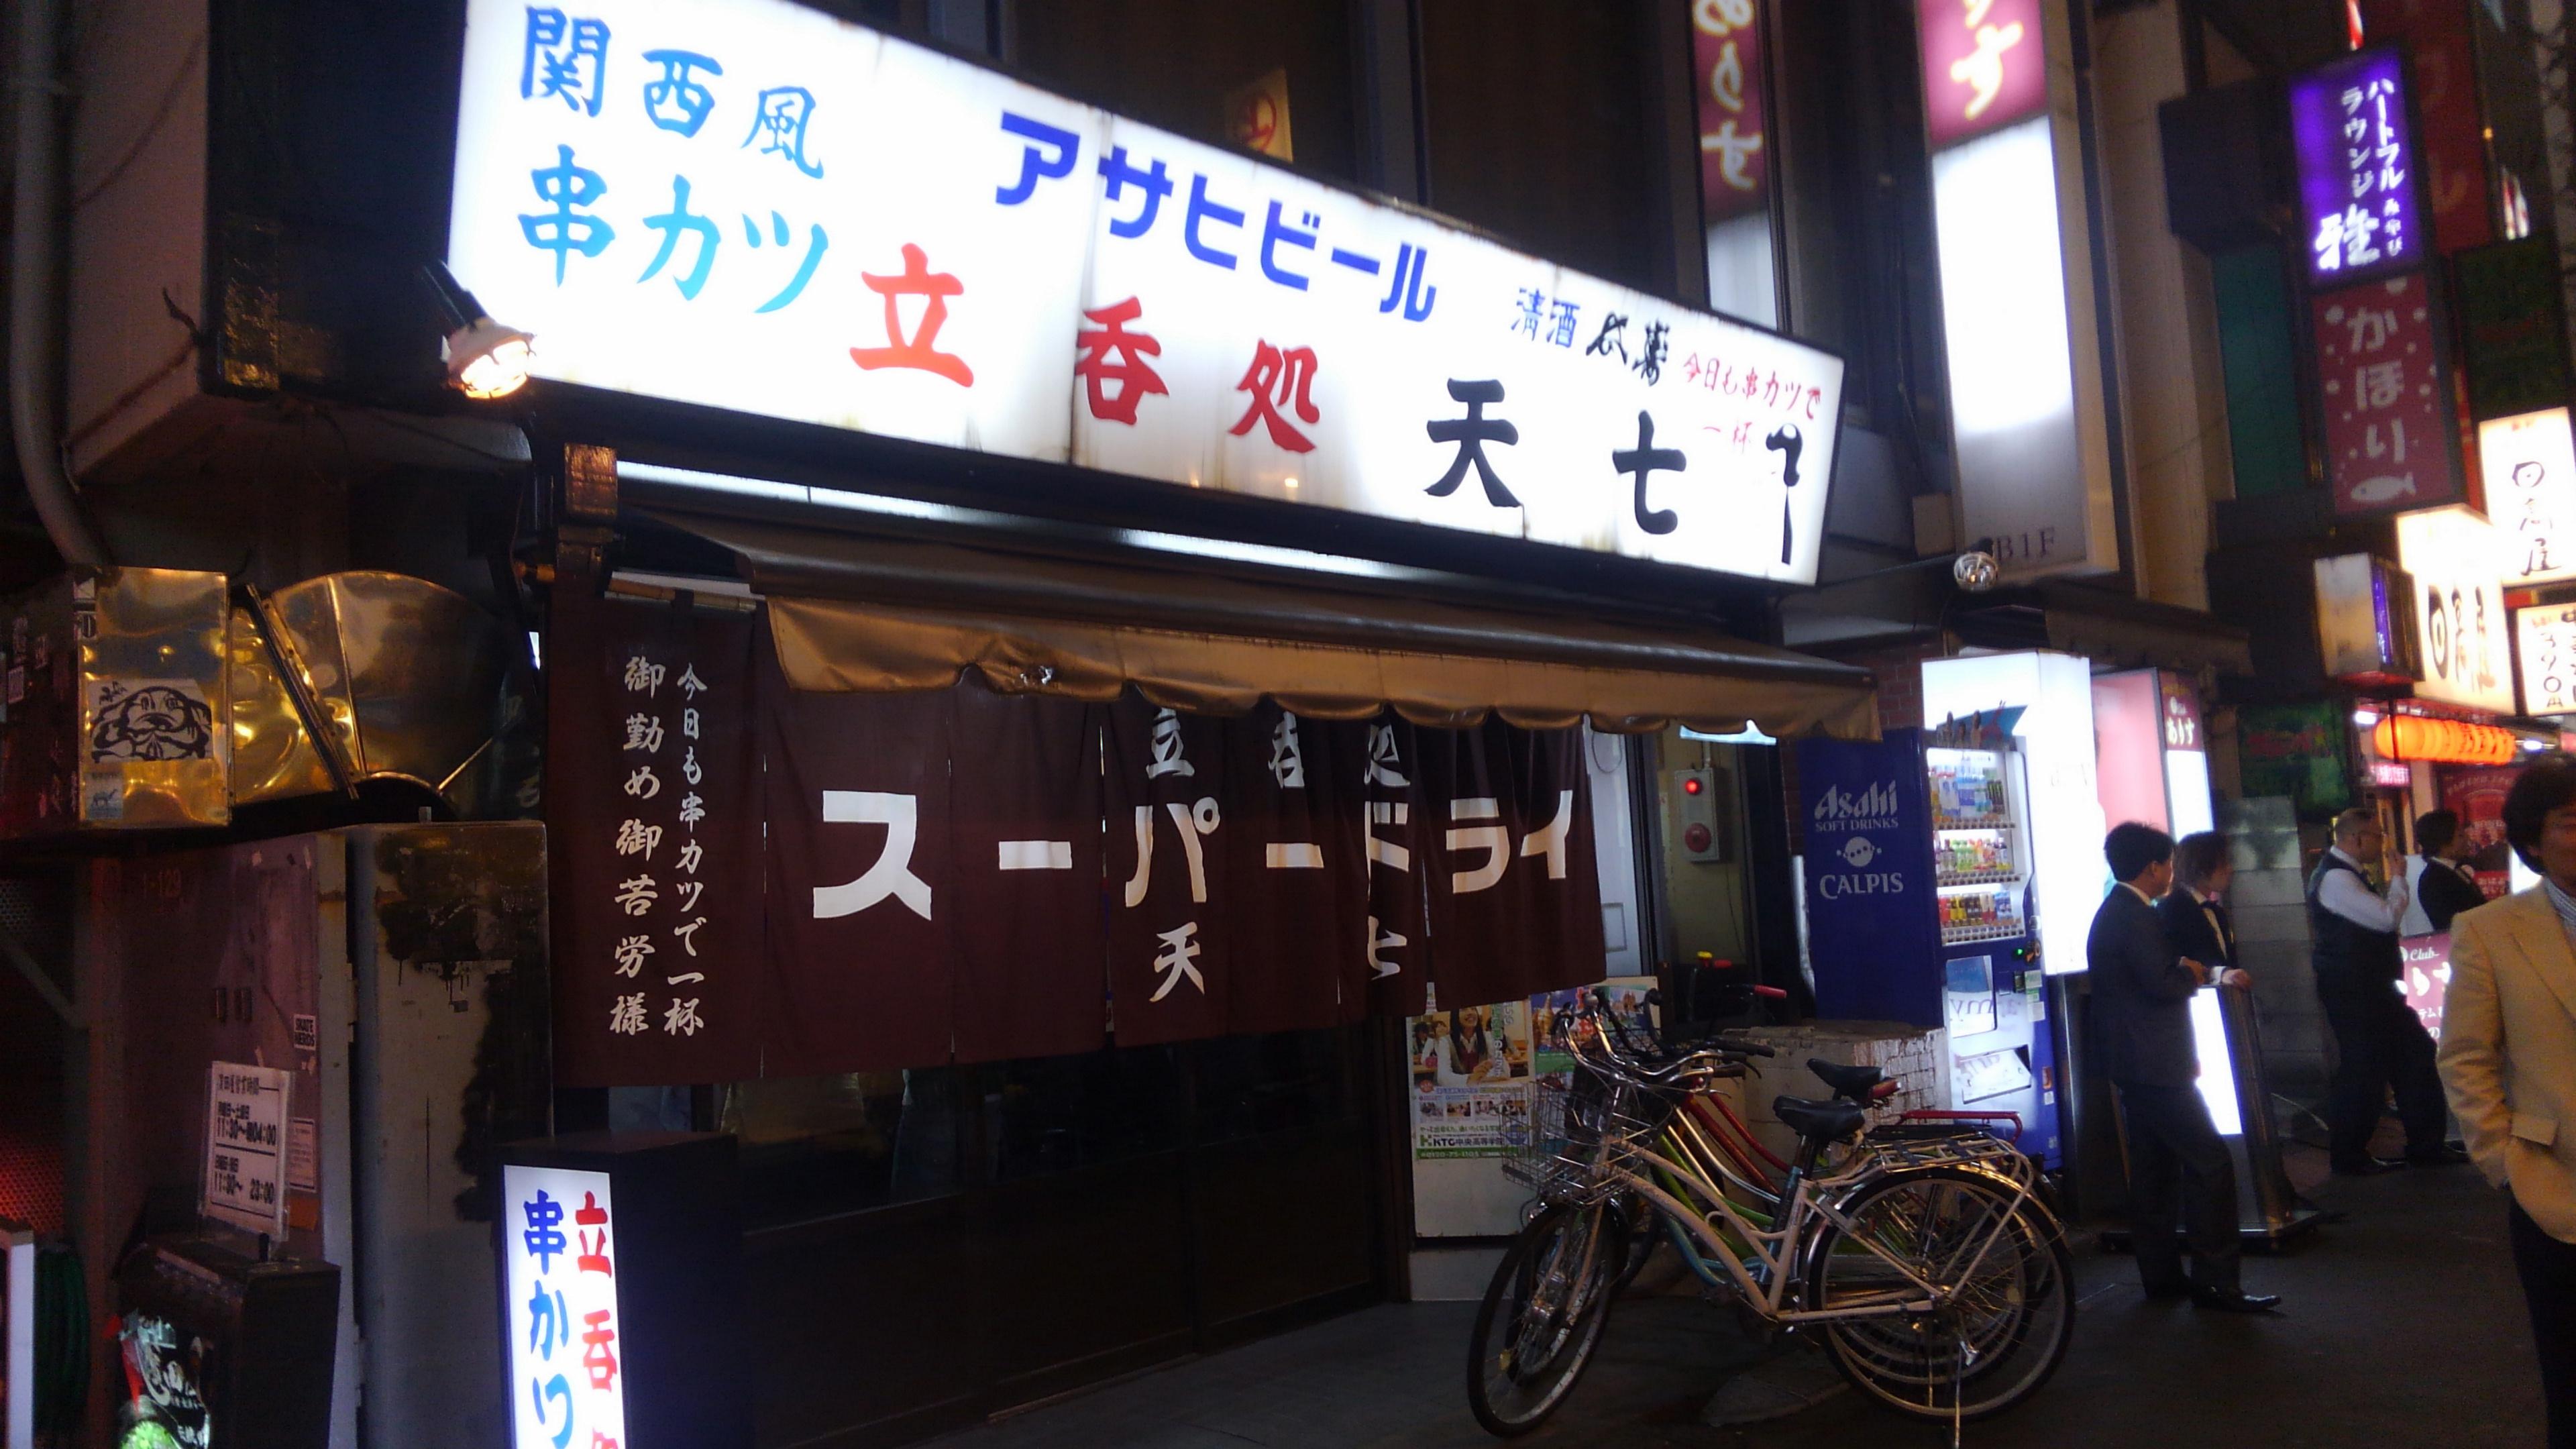 天七本店(北千住) 美味い梅酎ハイにアツアツの串揚げがたまらん!